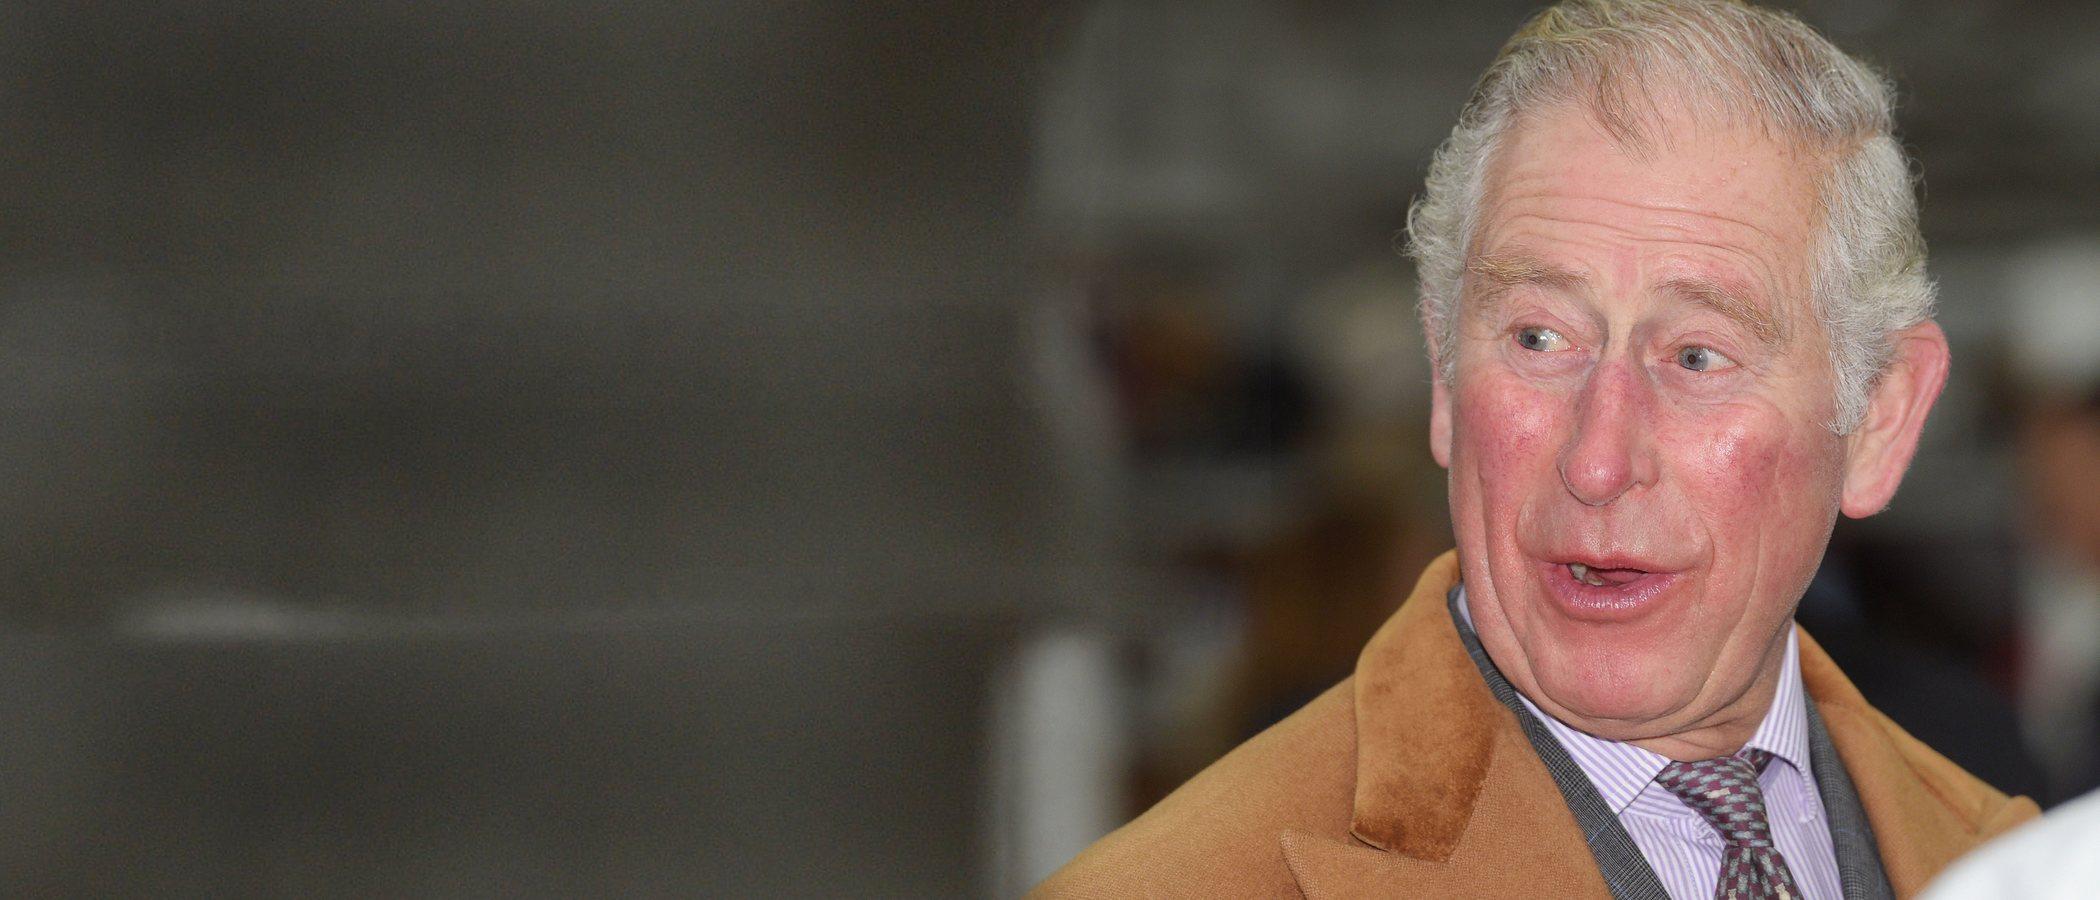 El Príncipe Carlos también colabora con una marca de ropa siguiendo los pasos de Meghan Markle